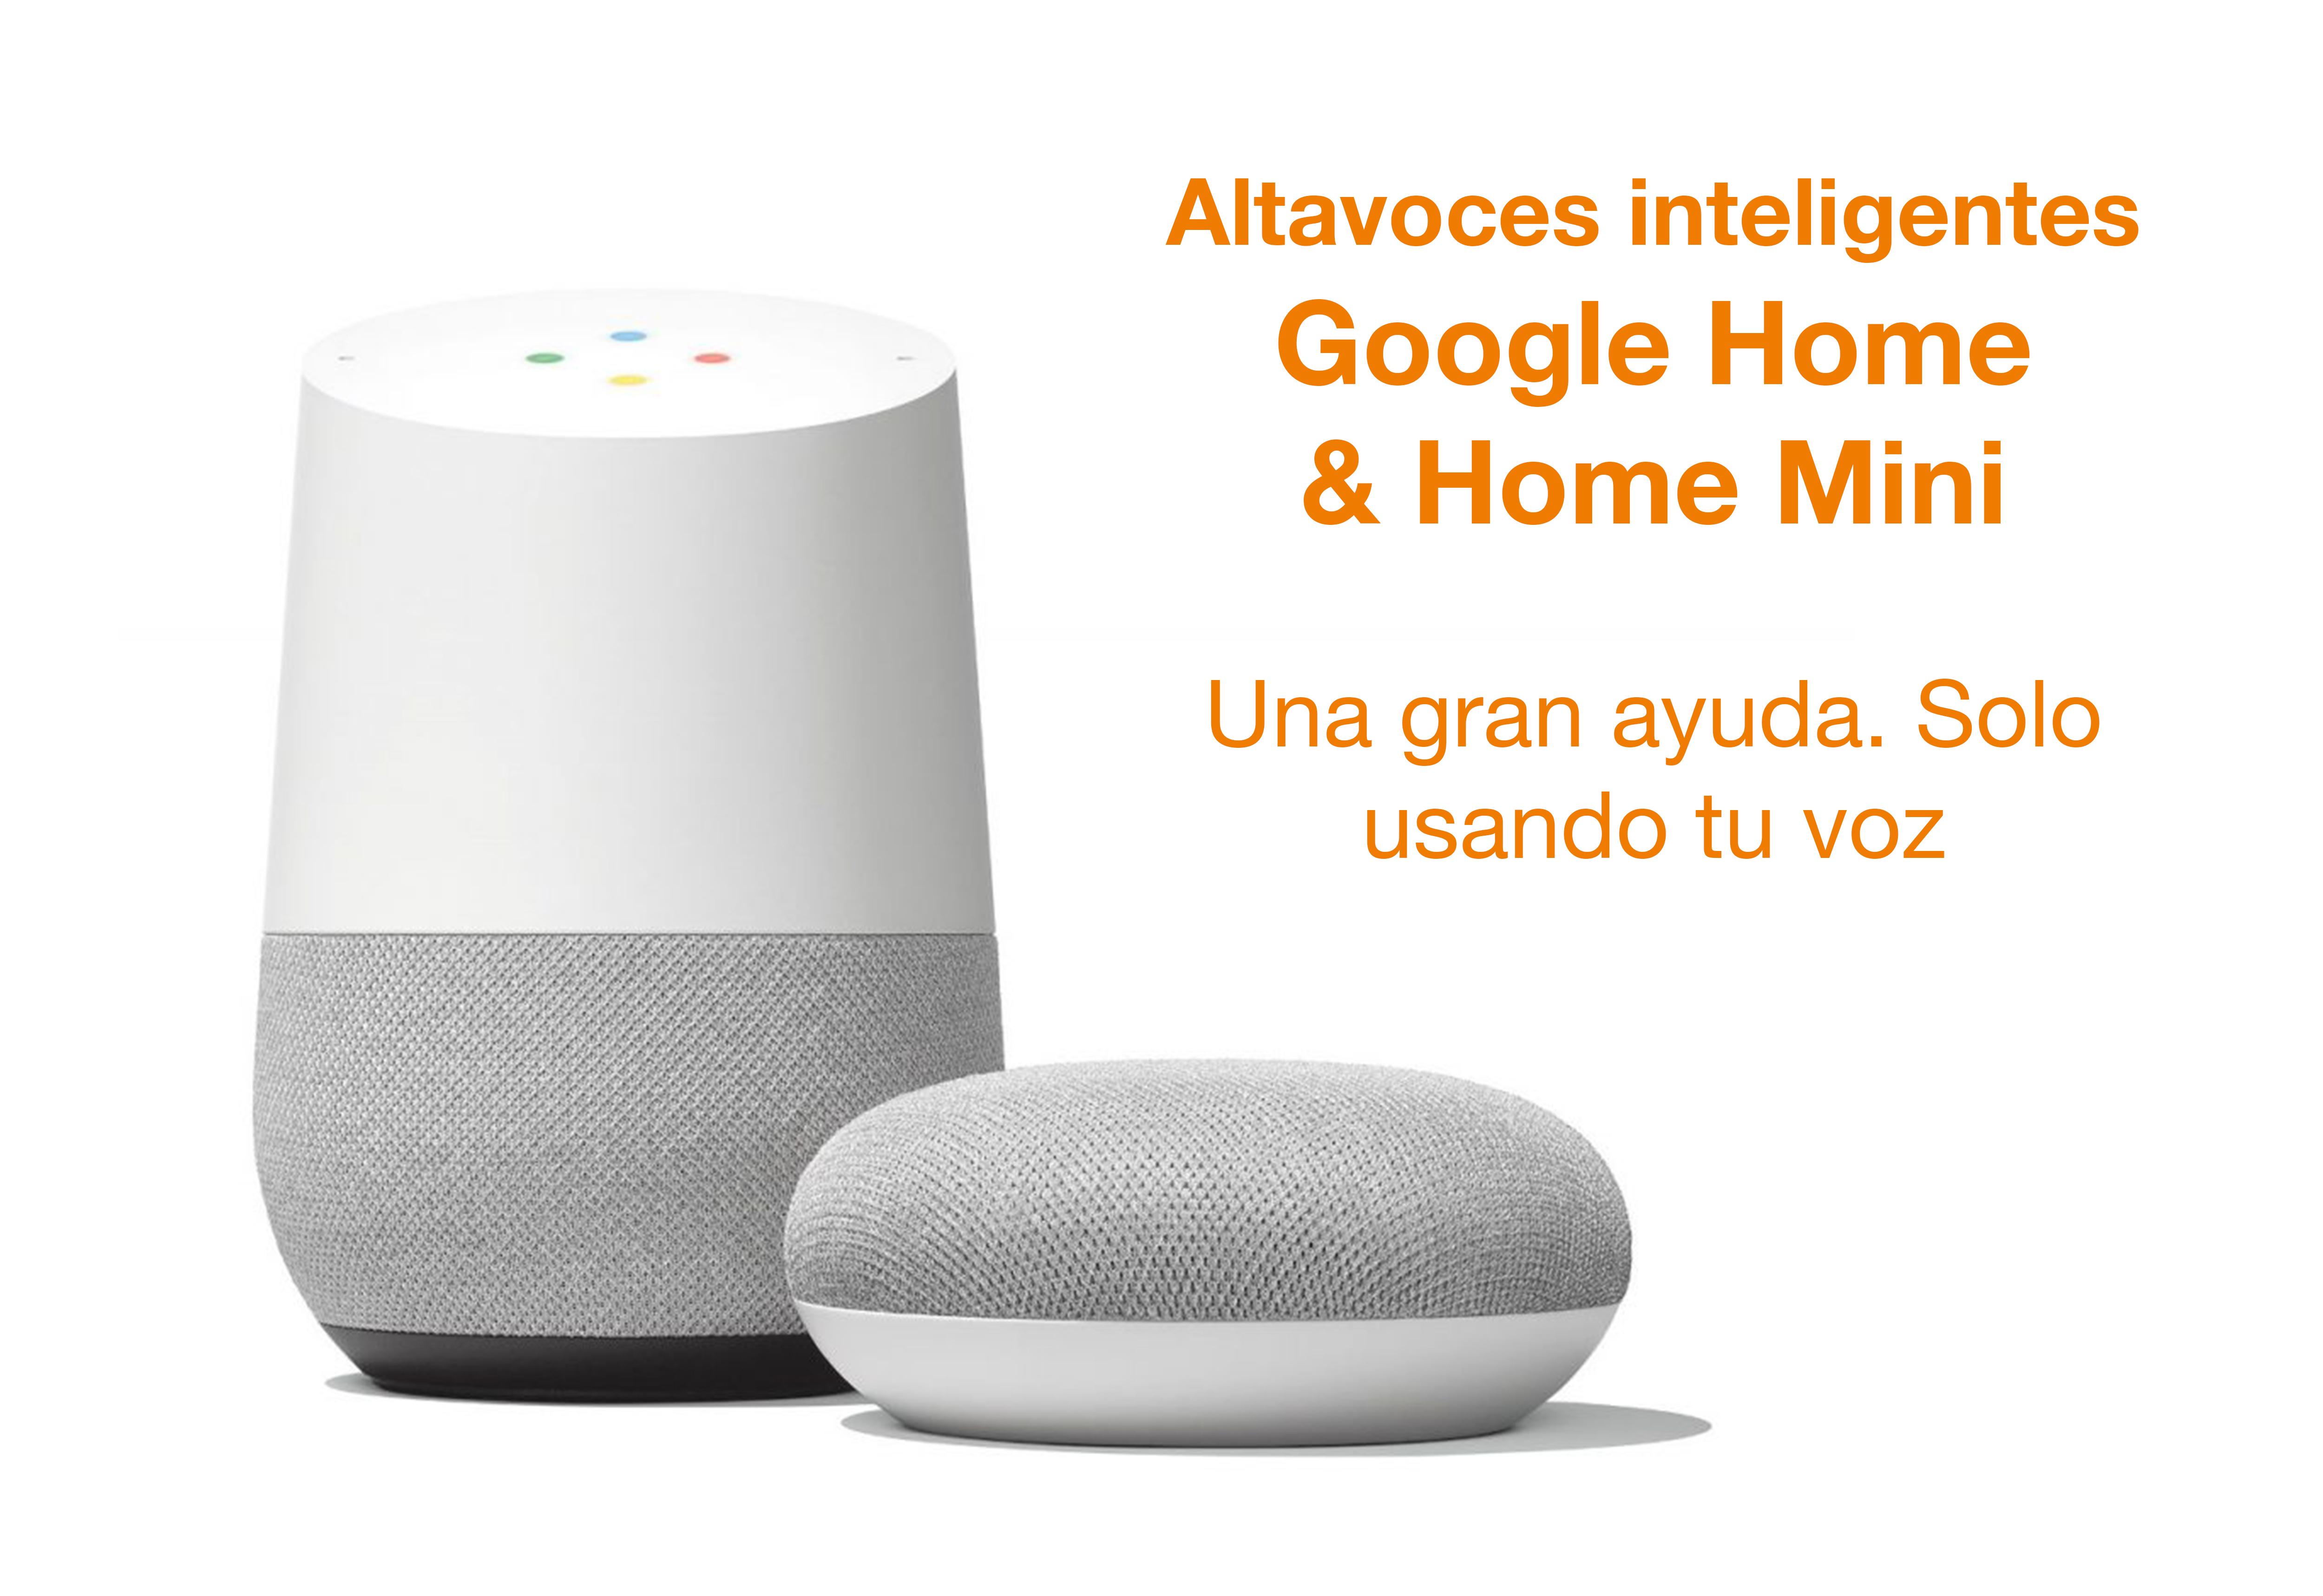 Google Home: una gran ayuda solo usando tu voz